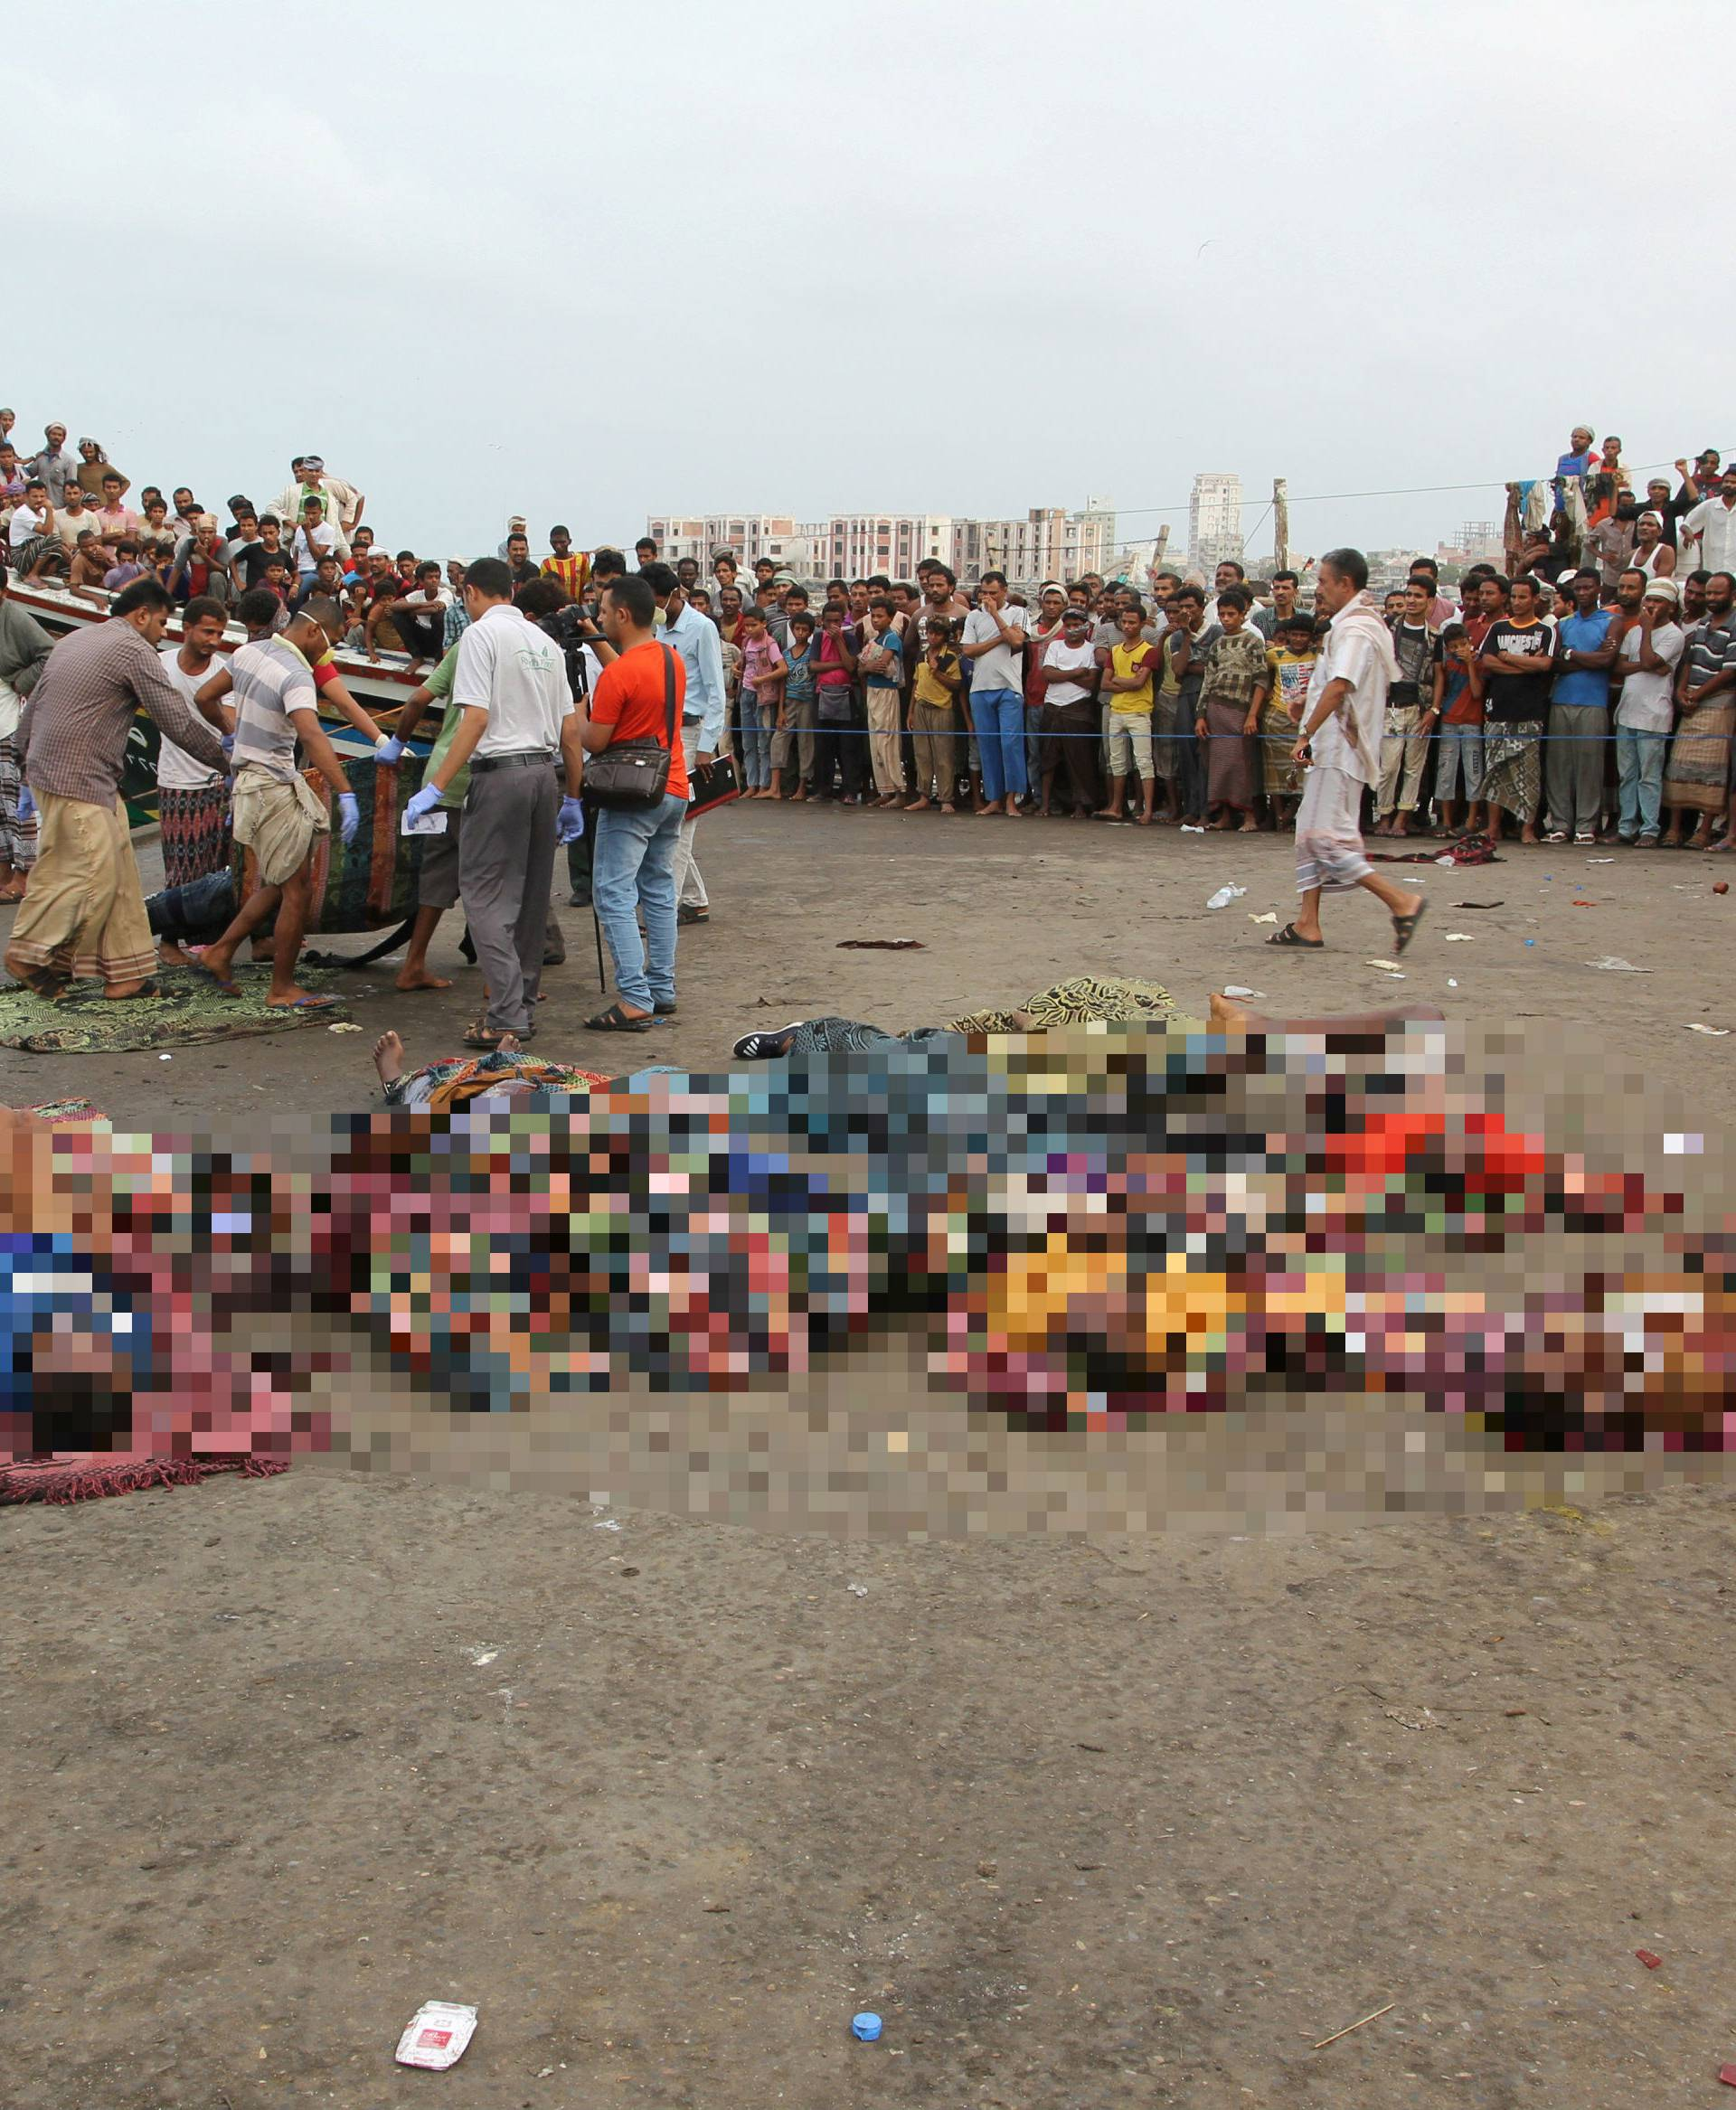 Napad na luku u Jemenu: 'Posvuda su dijelovi tijela'